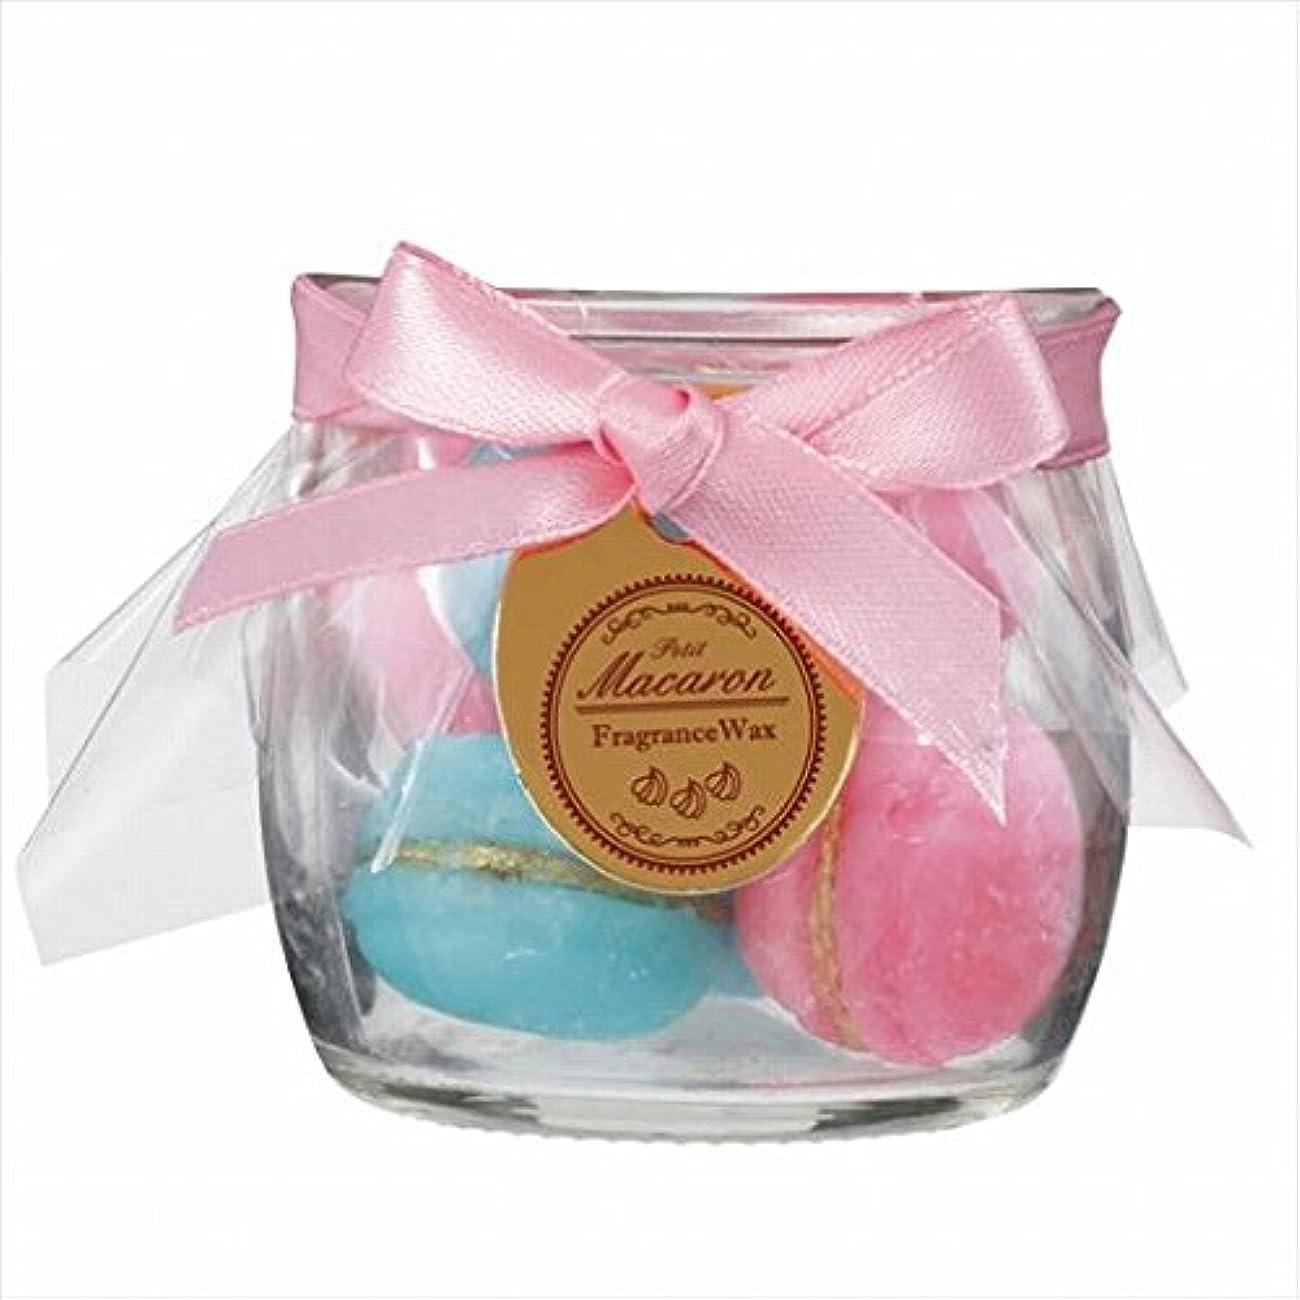 修道院家庭教師倍率スイーツキャンドル( sweets candle ) プチマカロンフレグランス 「 ピーチ 」 キャンドル